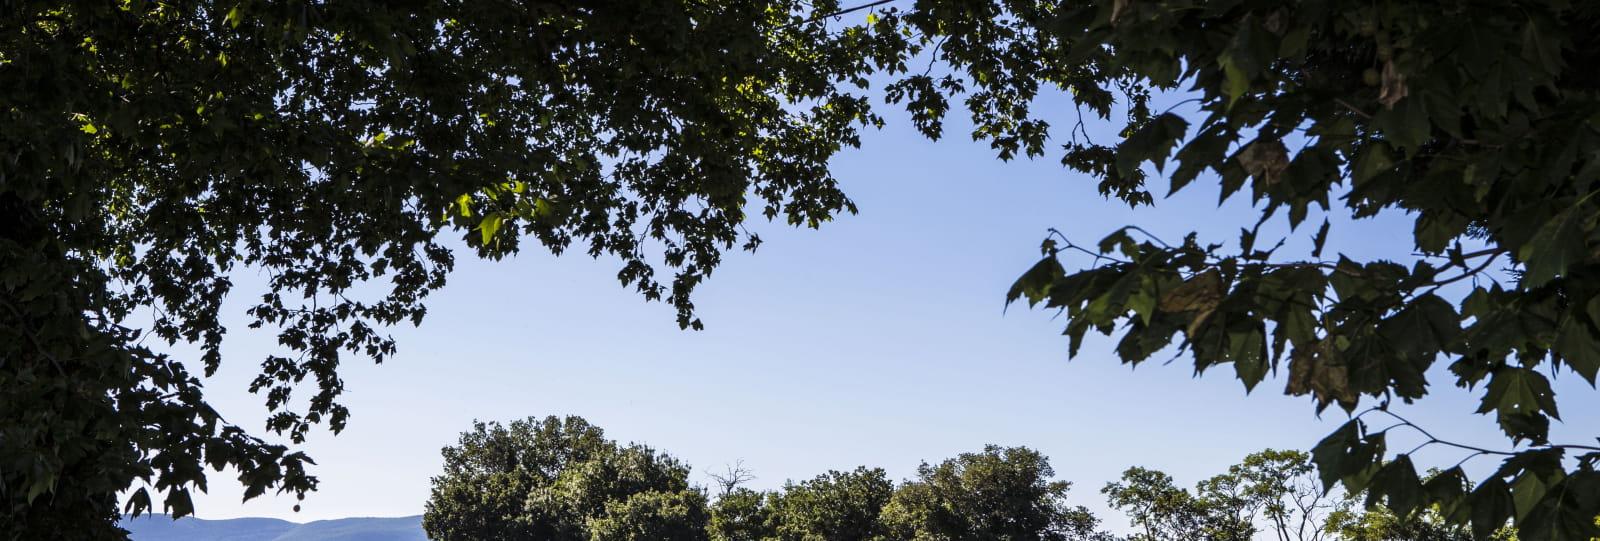 'Journée Émotions' : Découvrez l'essentiel de la Drôme Provençale